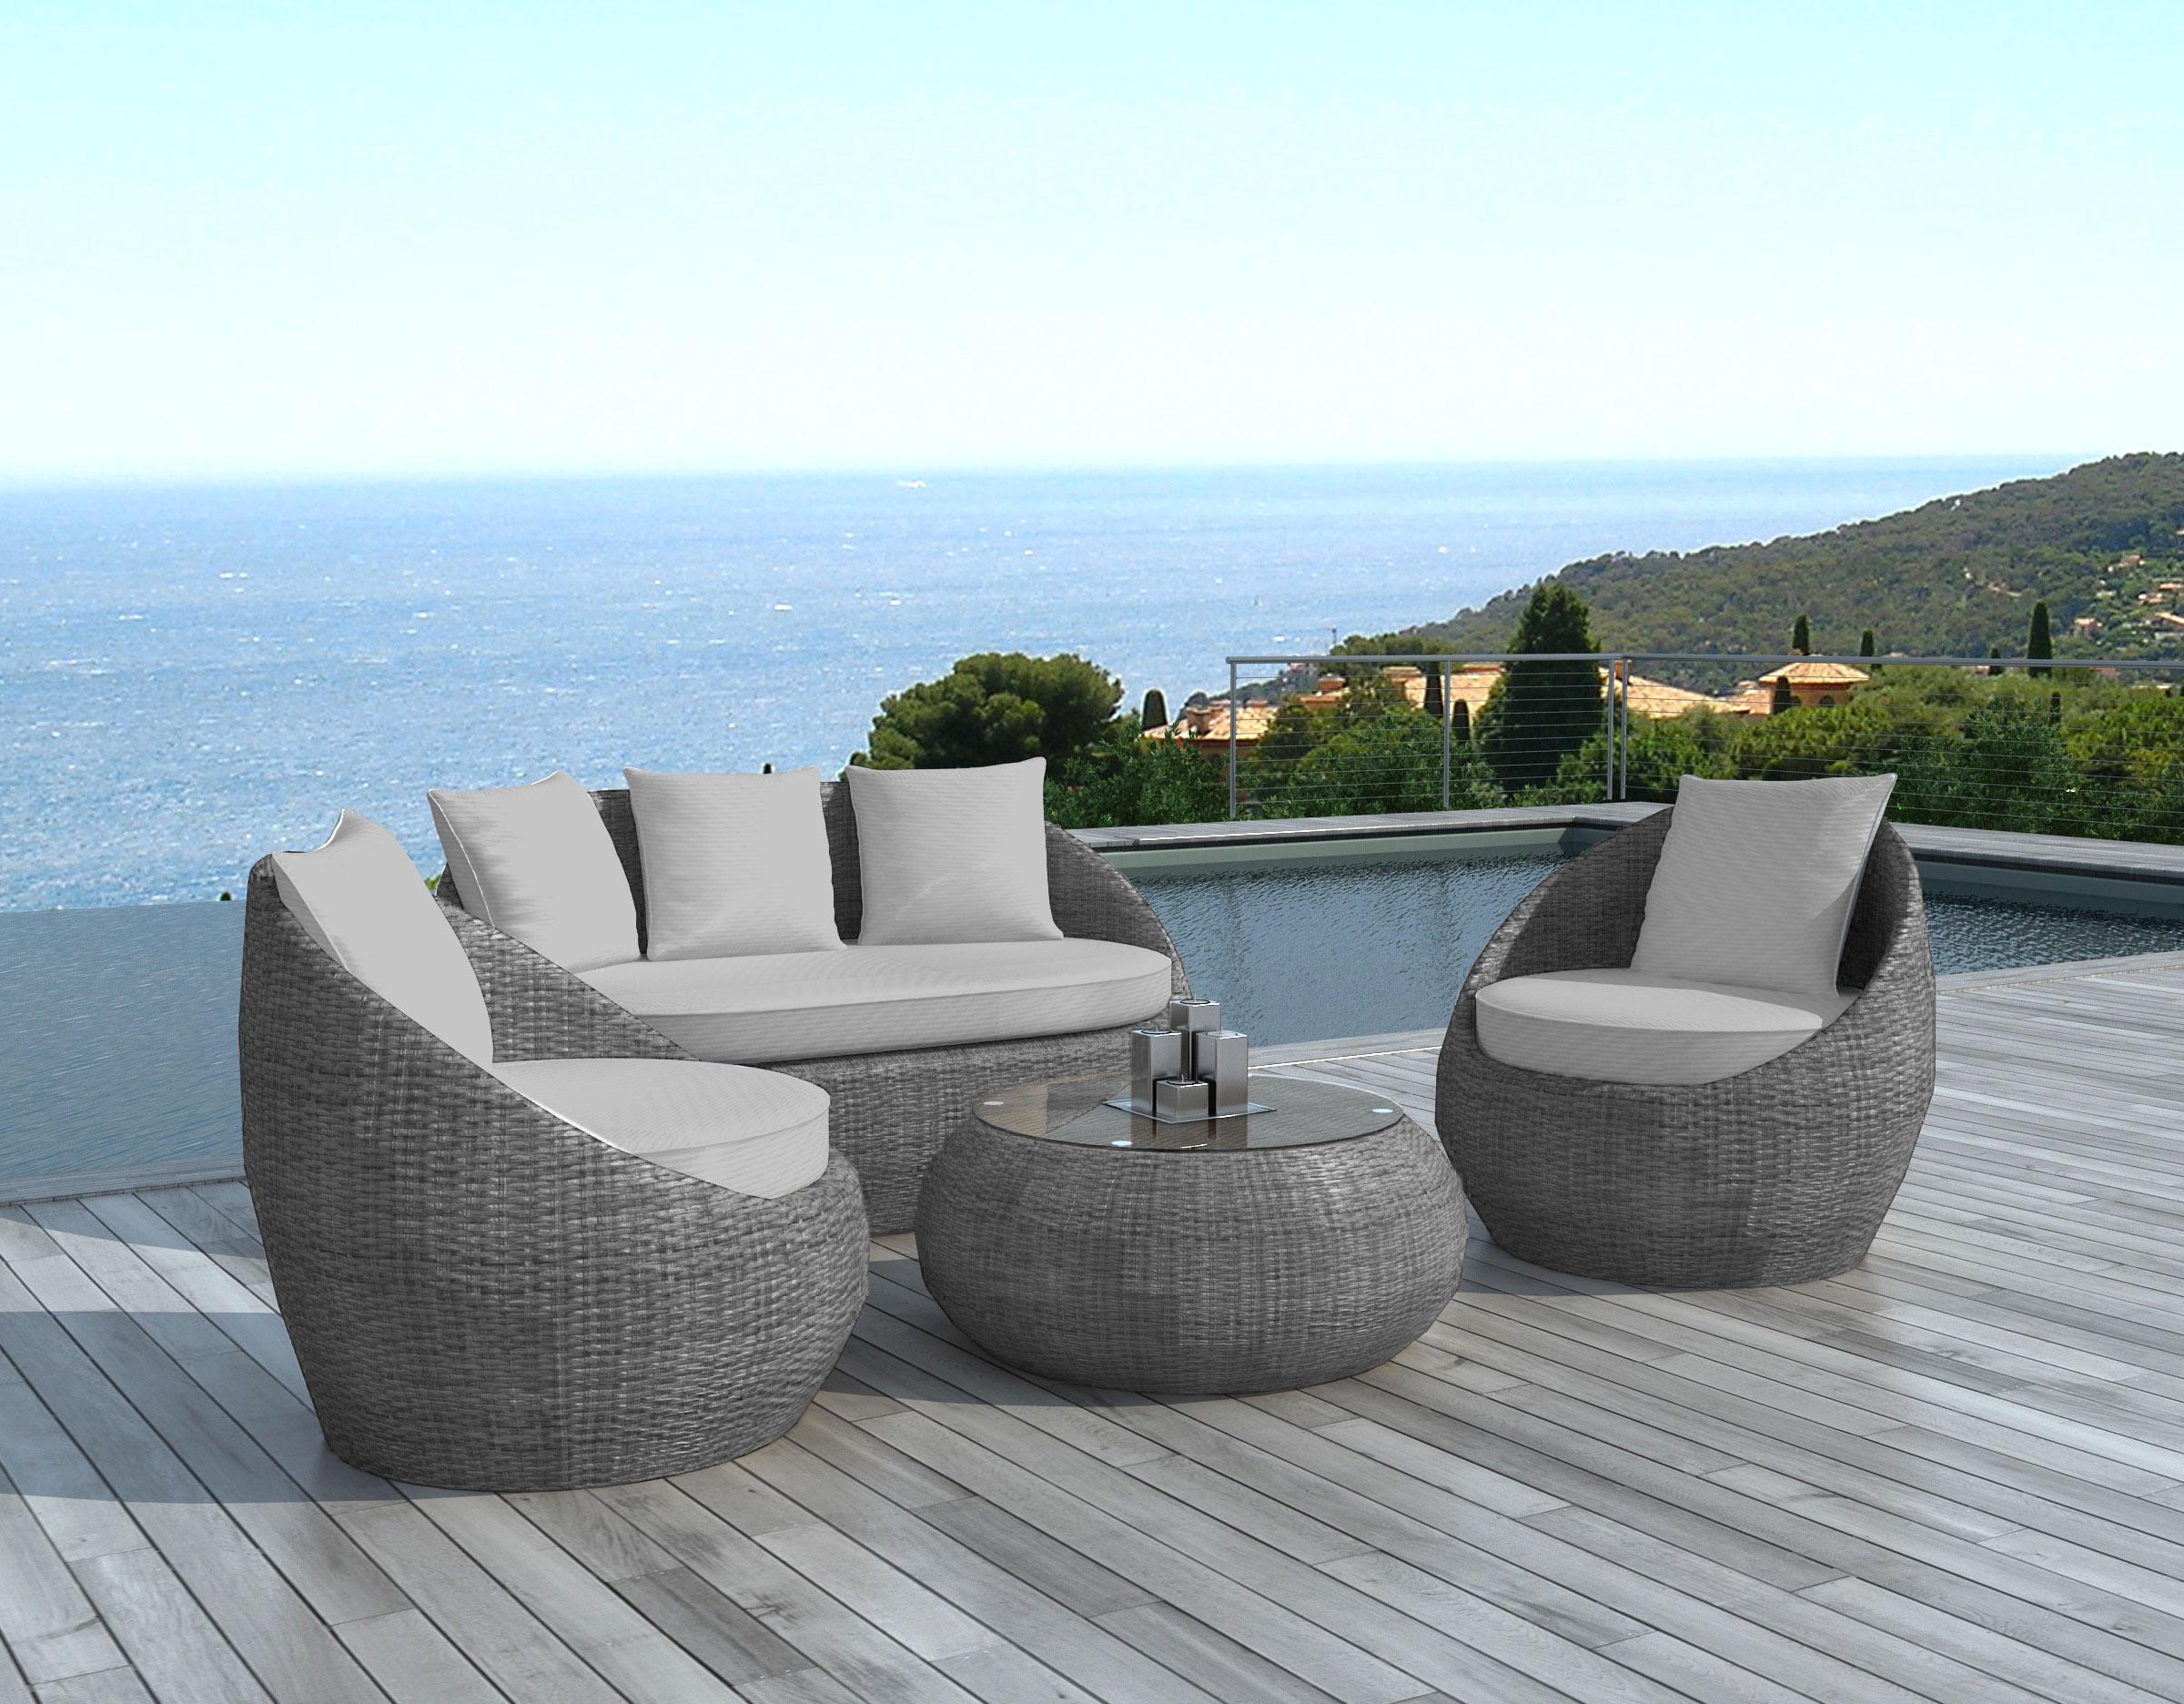 salon de jardin malaga 4 pieces en resine ronde tressee grise et coussins tissu gris clair